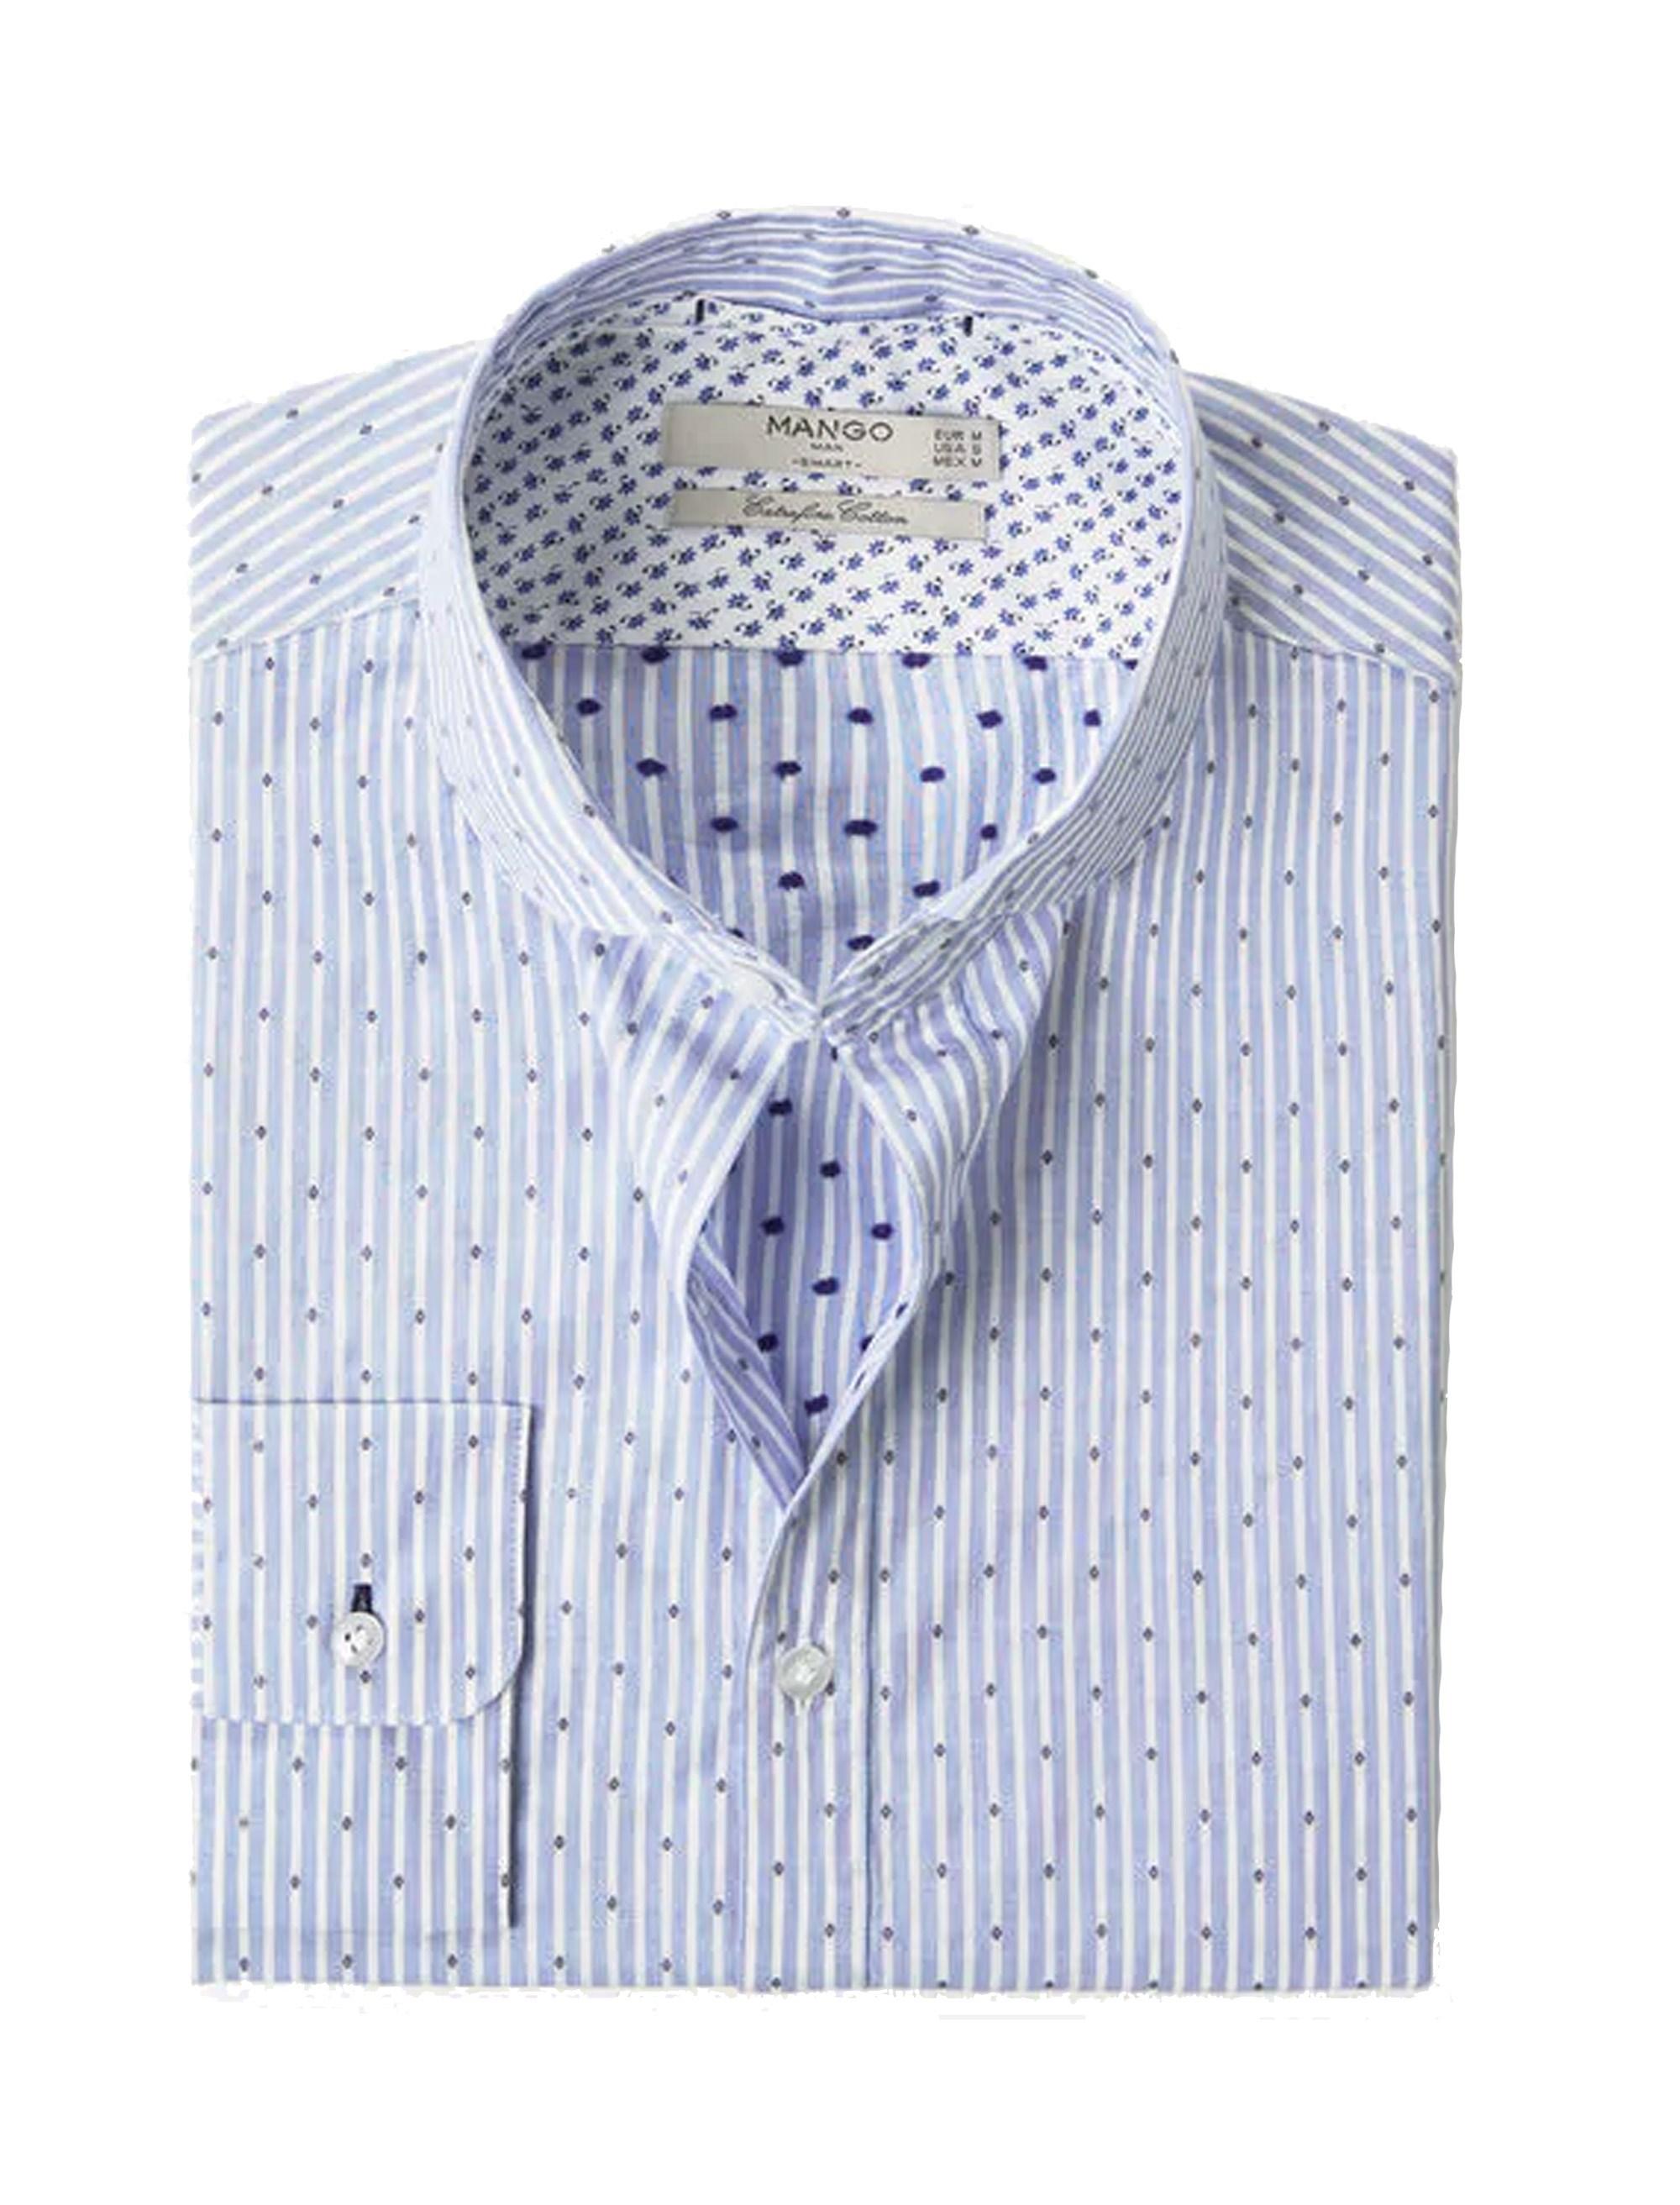 پیراهن نخی آستین بلند مردانه - مانگو - آبي آسماني - 1